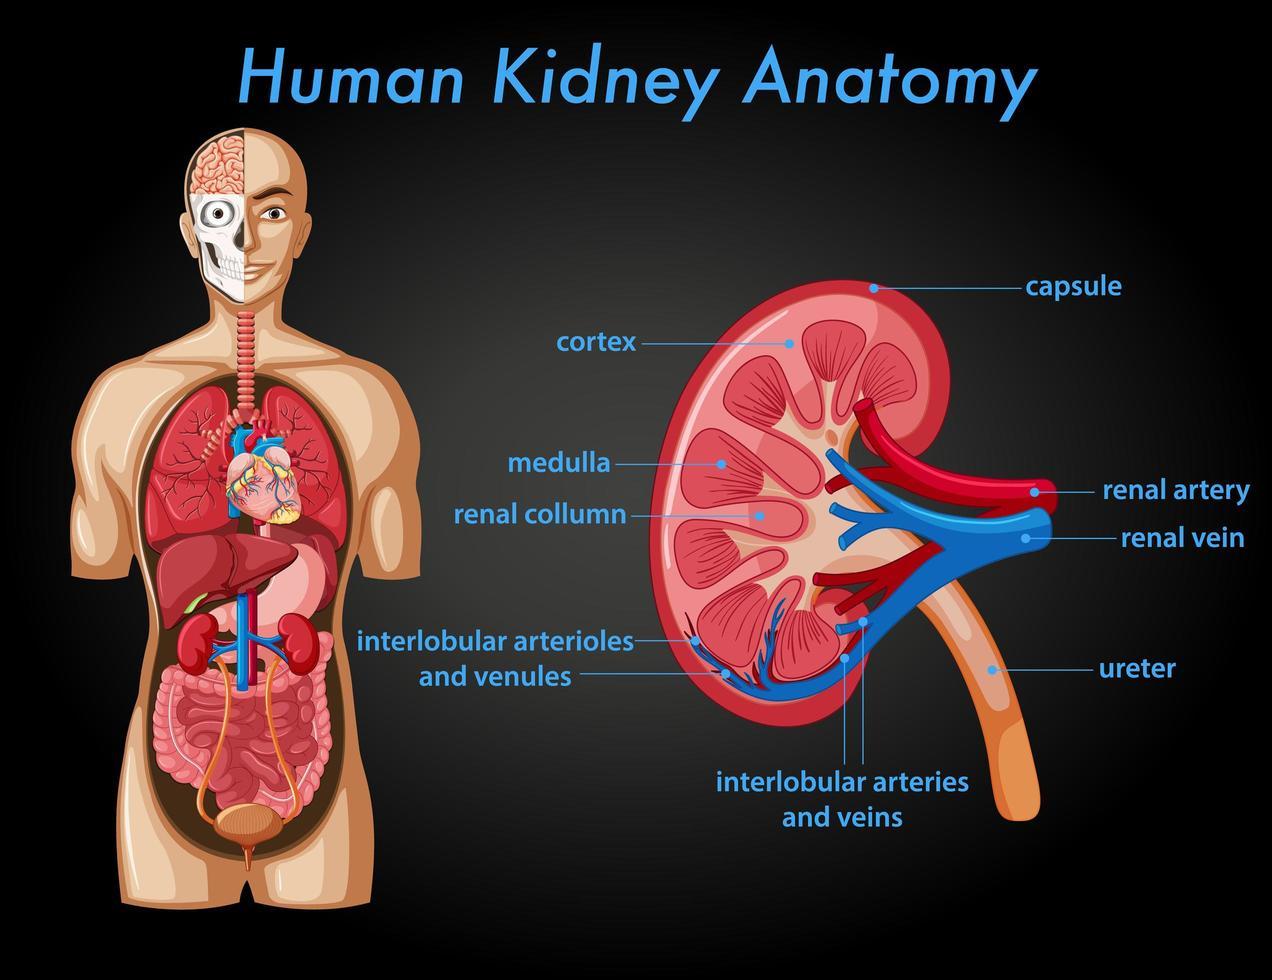 affiche d'information sur l'anatomie du rein humain vecteur